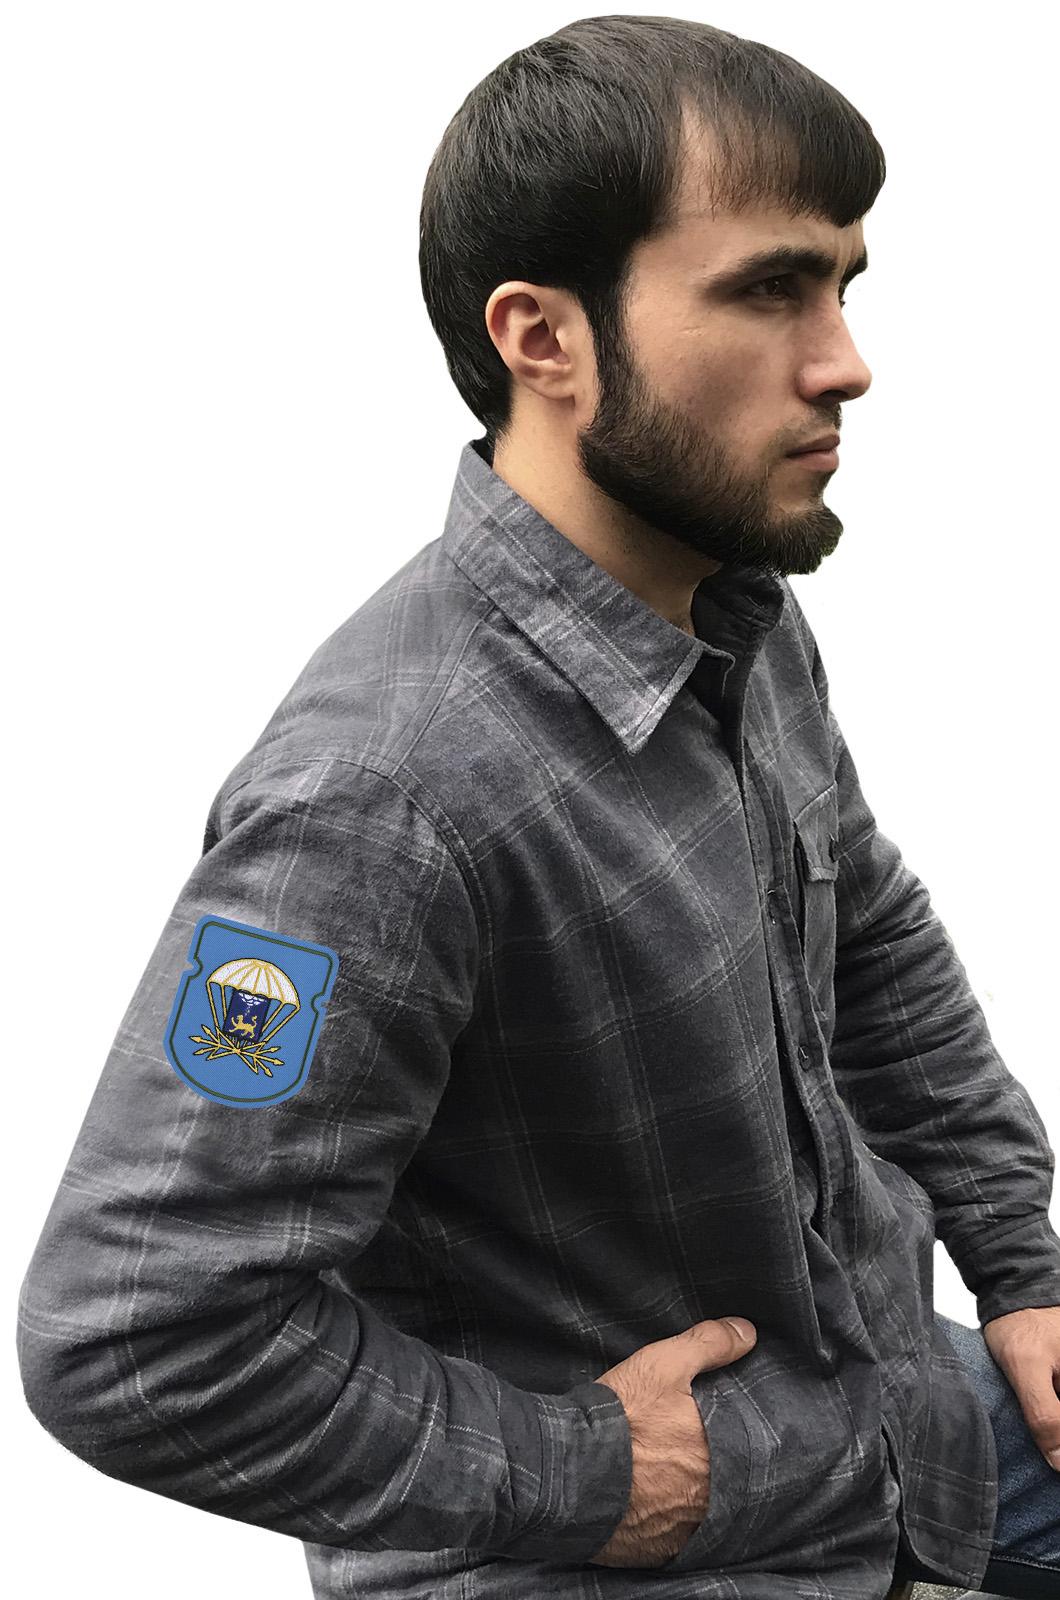 Мужская рубашка с вышитым шевроном 728 отдельный батальон связи 76 ДШД - купить онлайн